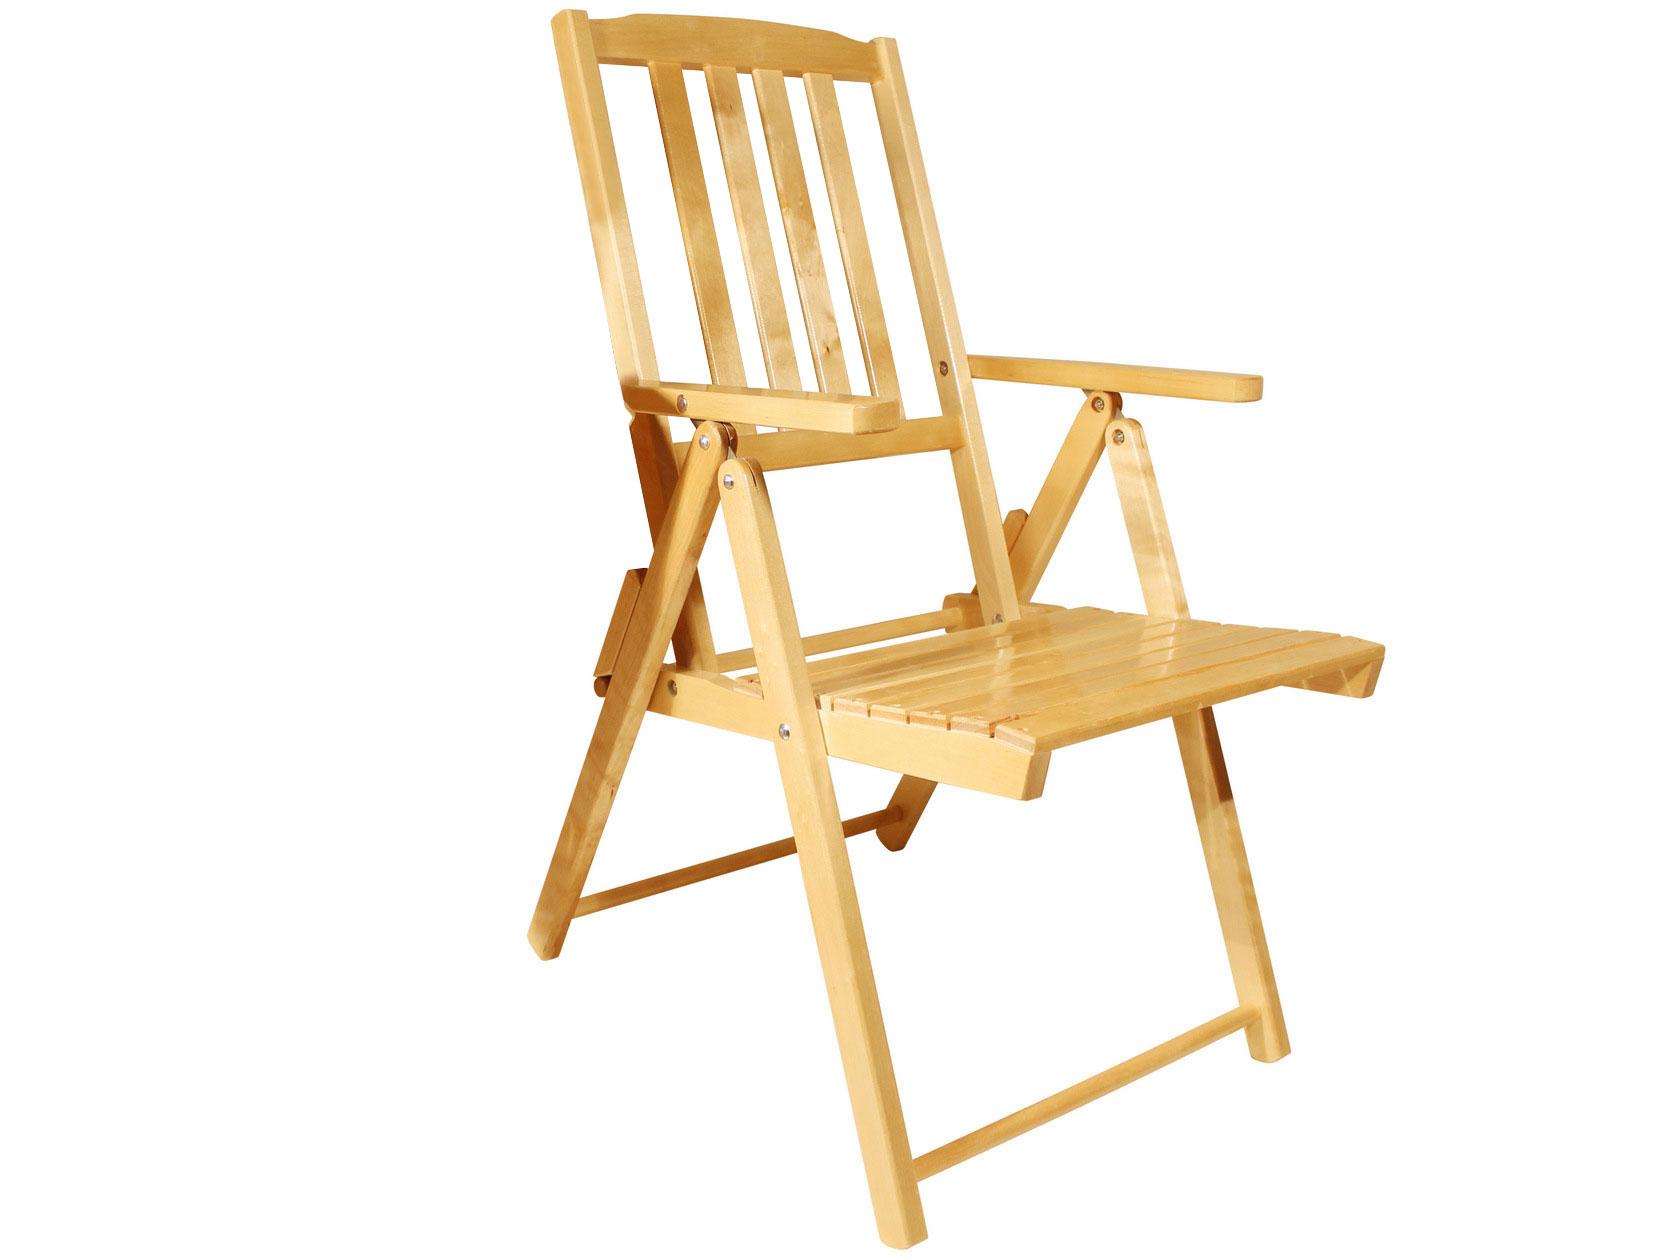 Складное садовое кресло 179-52549